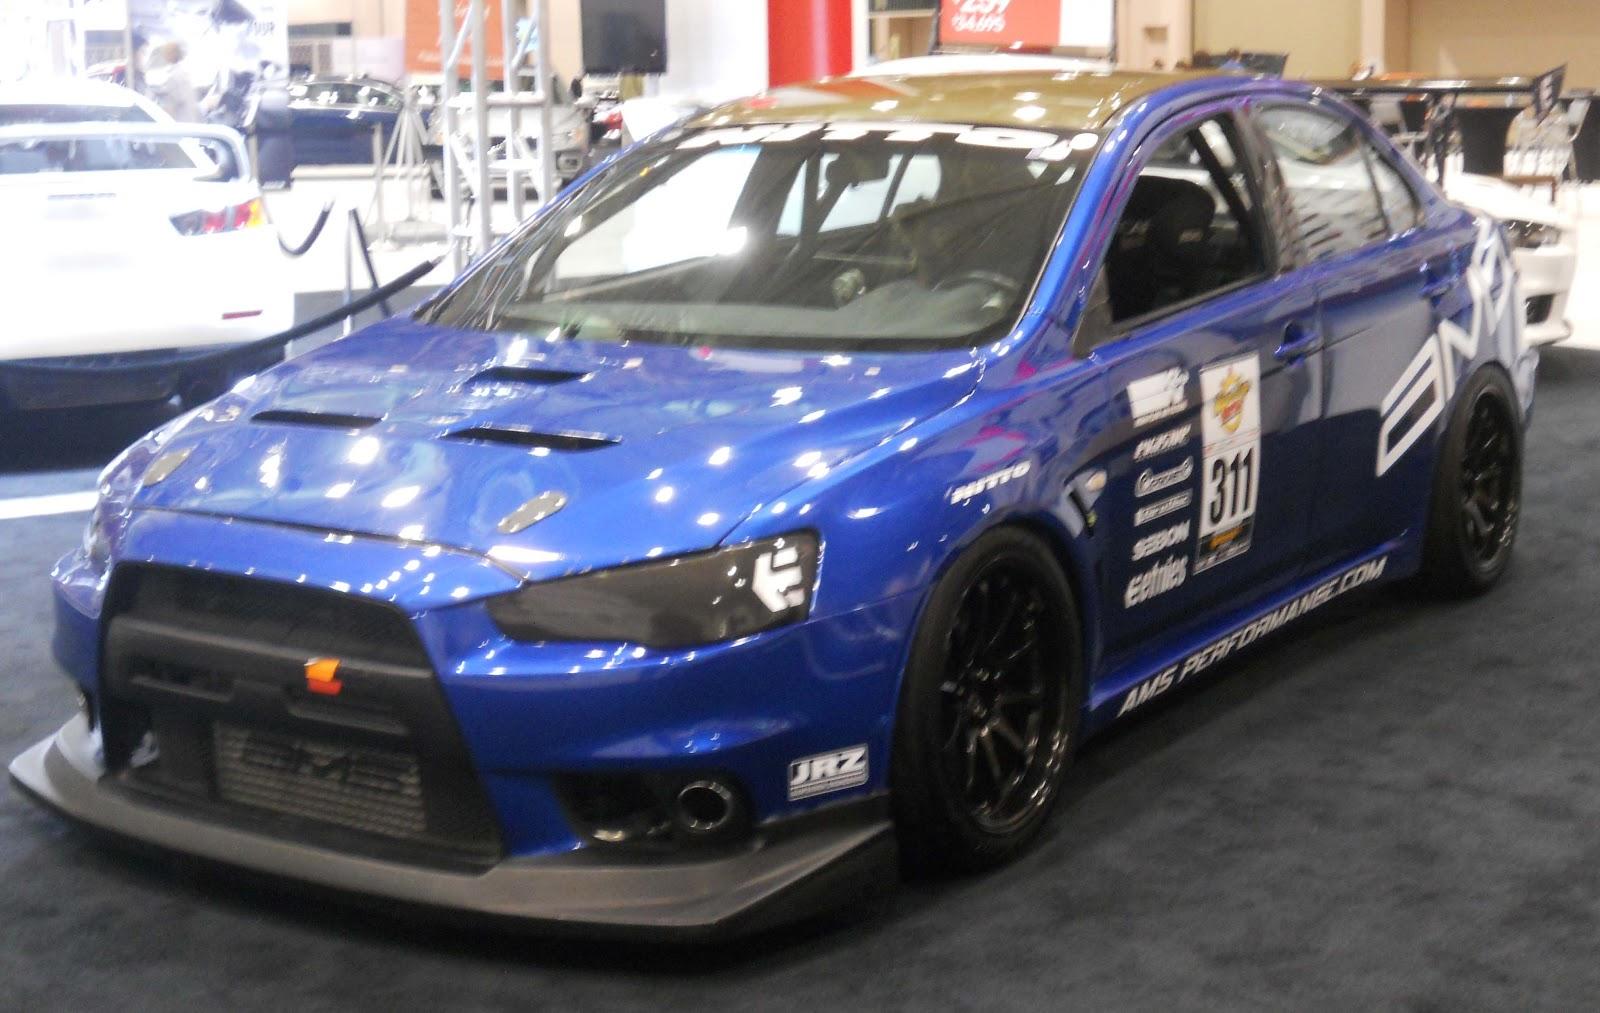 Blue car sticker design - Automozeal